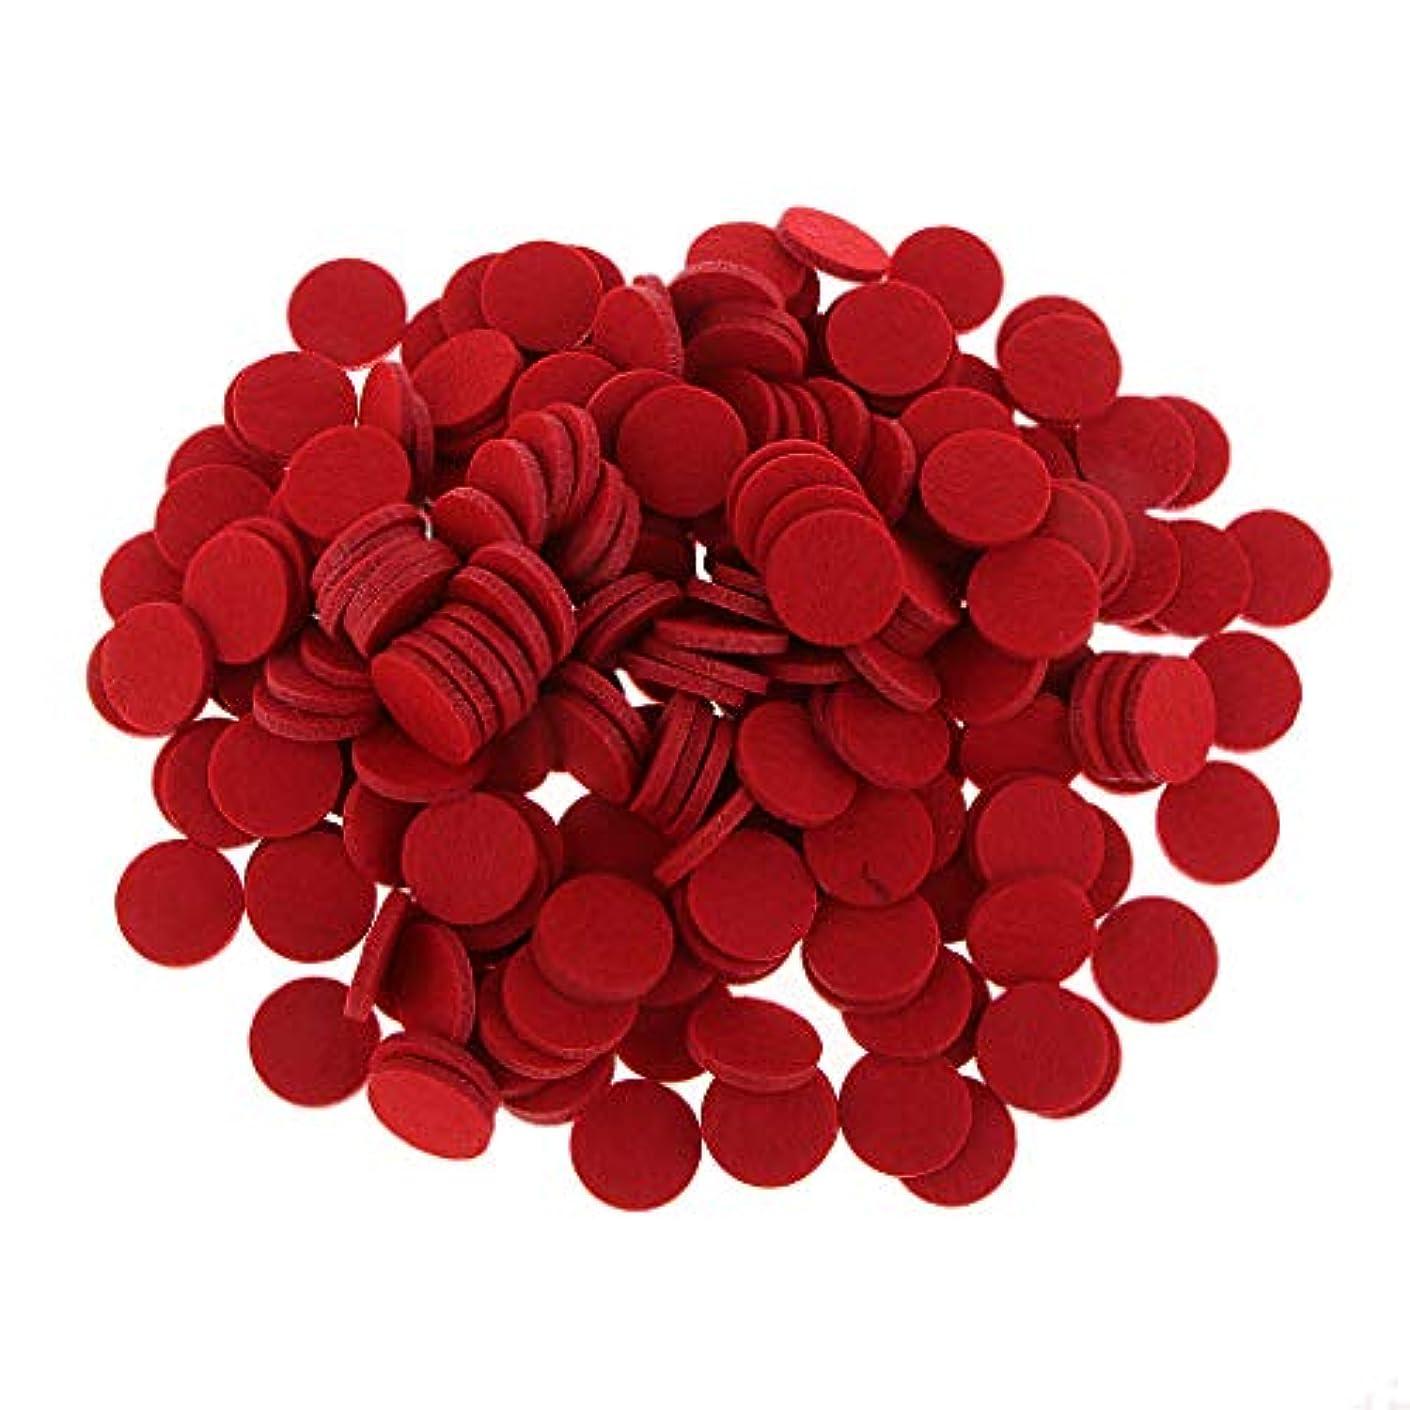 命令的混乱強制FLAMEER ディフューザーパッド アロマパッド パッド 精油 エッセンシャルオイル 香り 約200個入り 全11色 - 赤